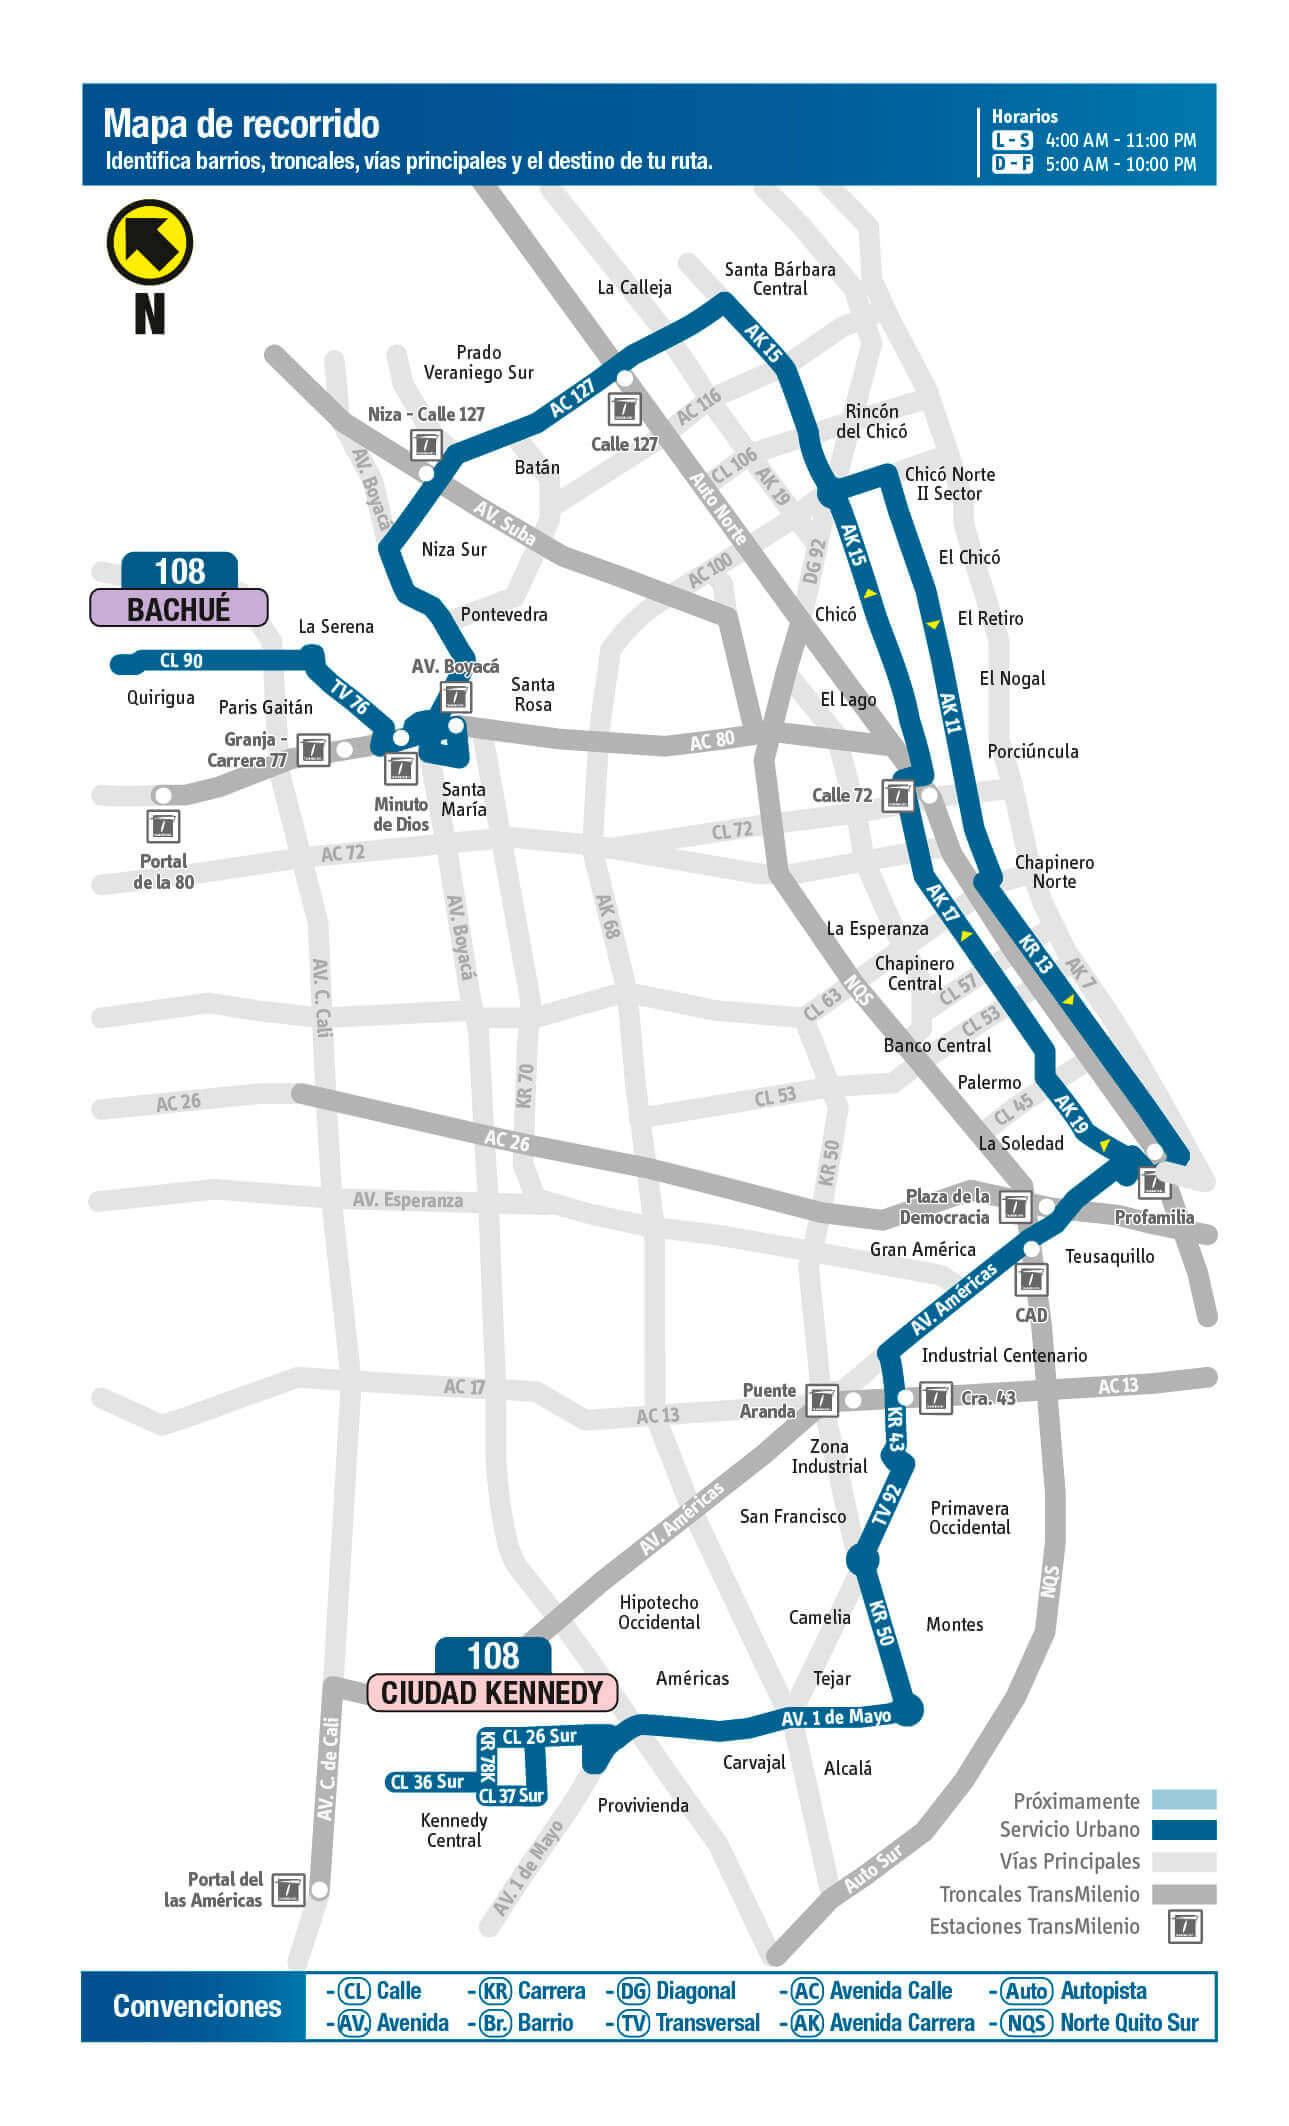 mapa de la ruta 108 del SITP